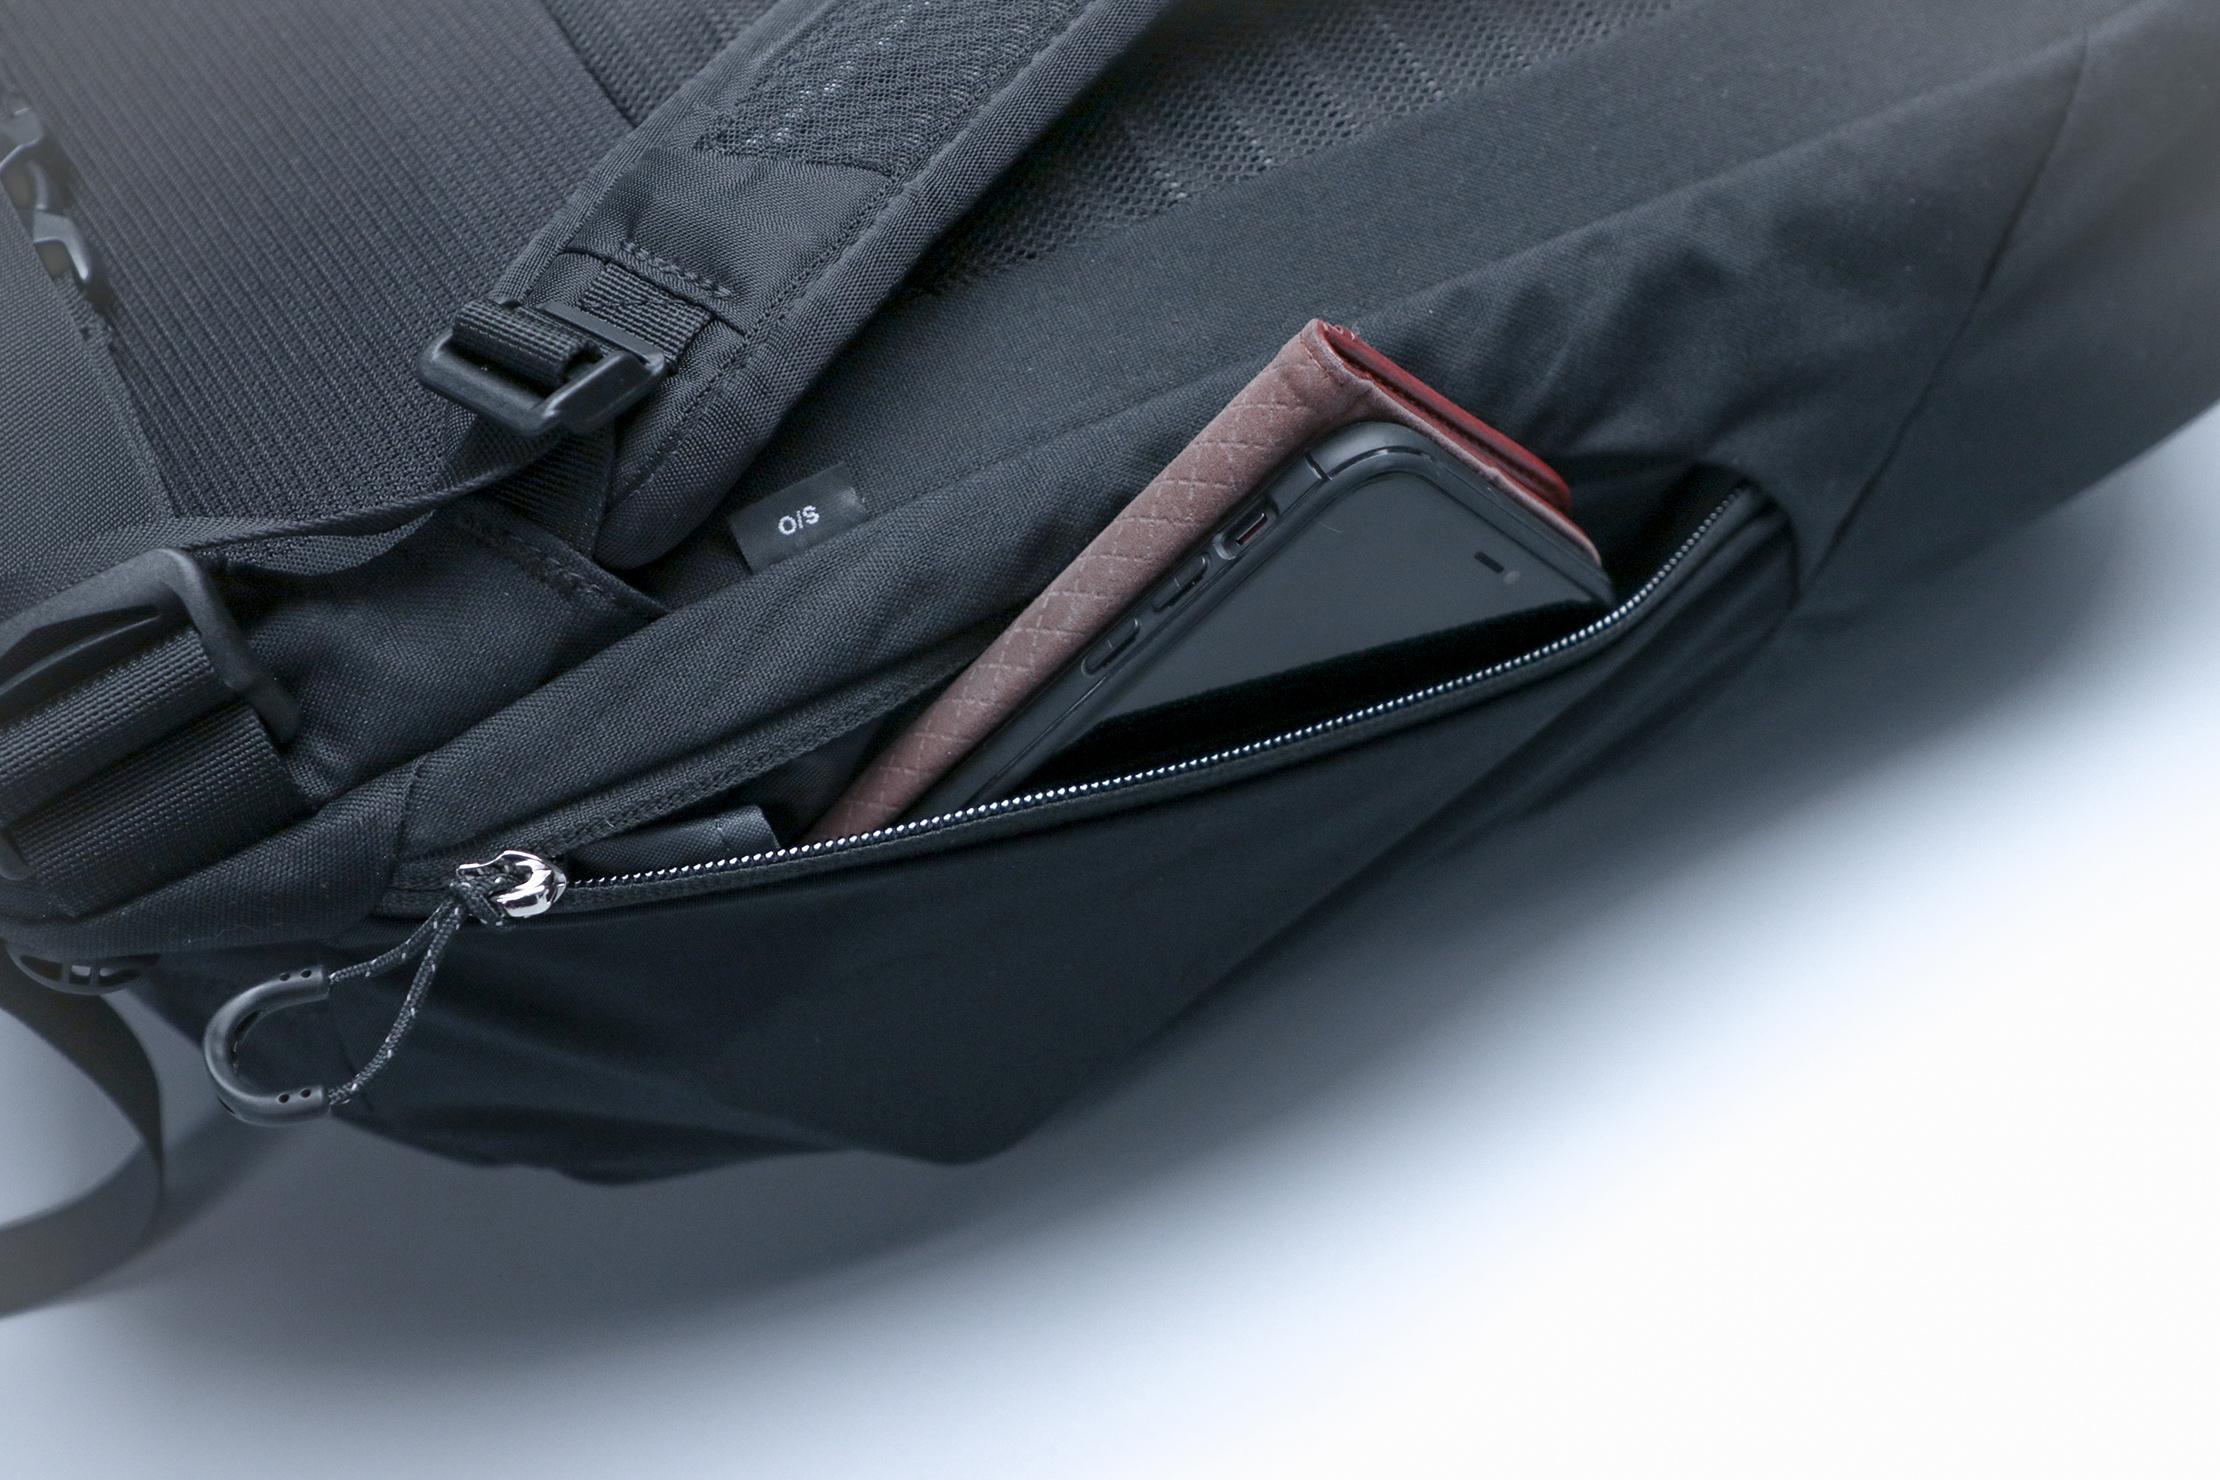 Osprey METRON Side Pocket